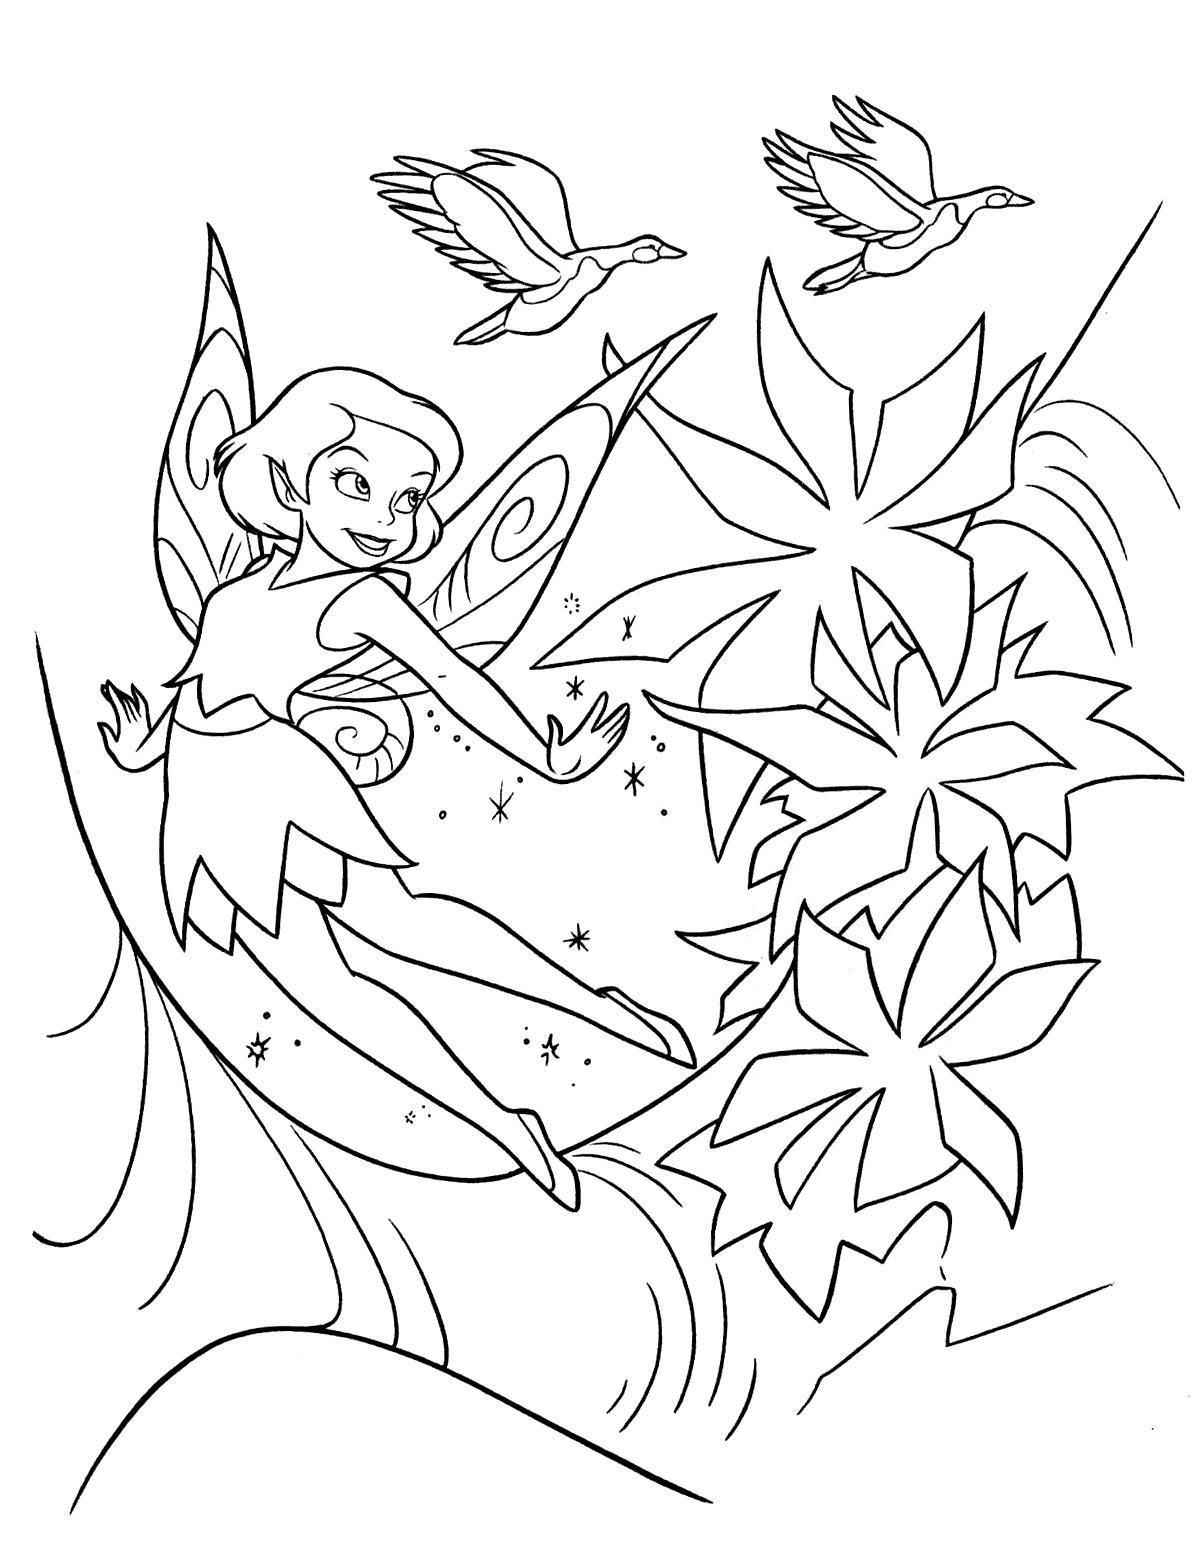 Раскраска фея и цветы. Раскраски с цветами распечатать бесплатно